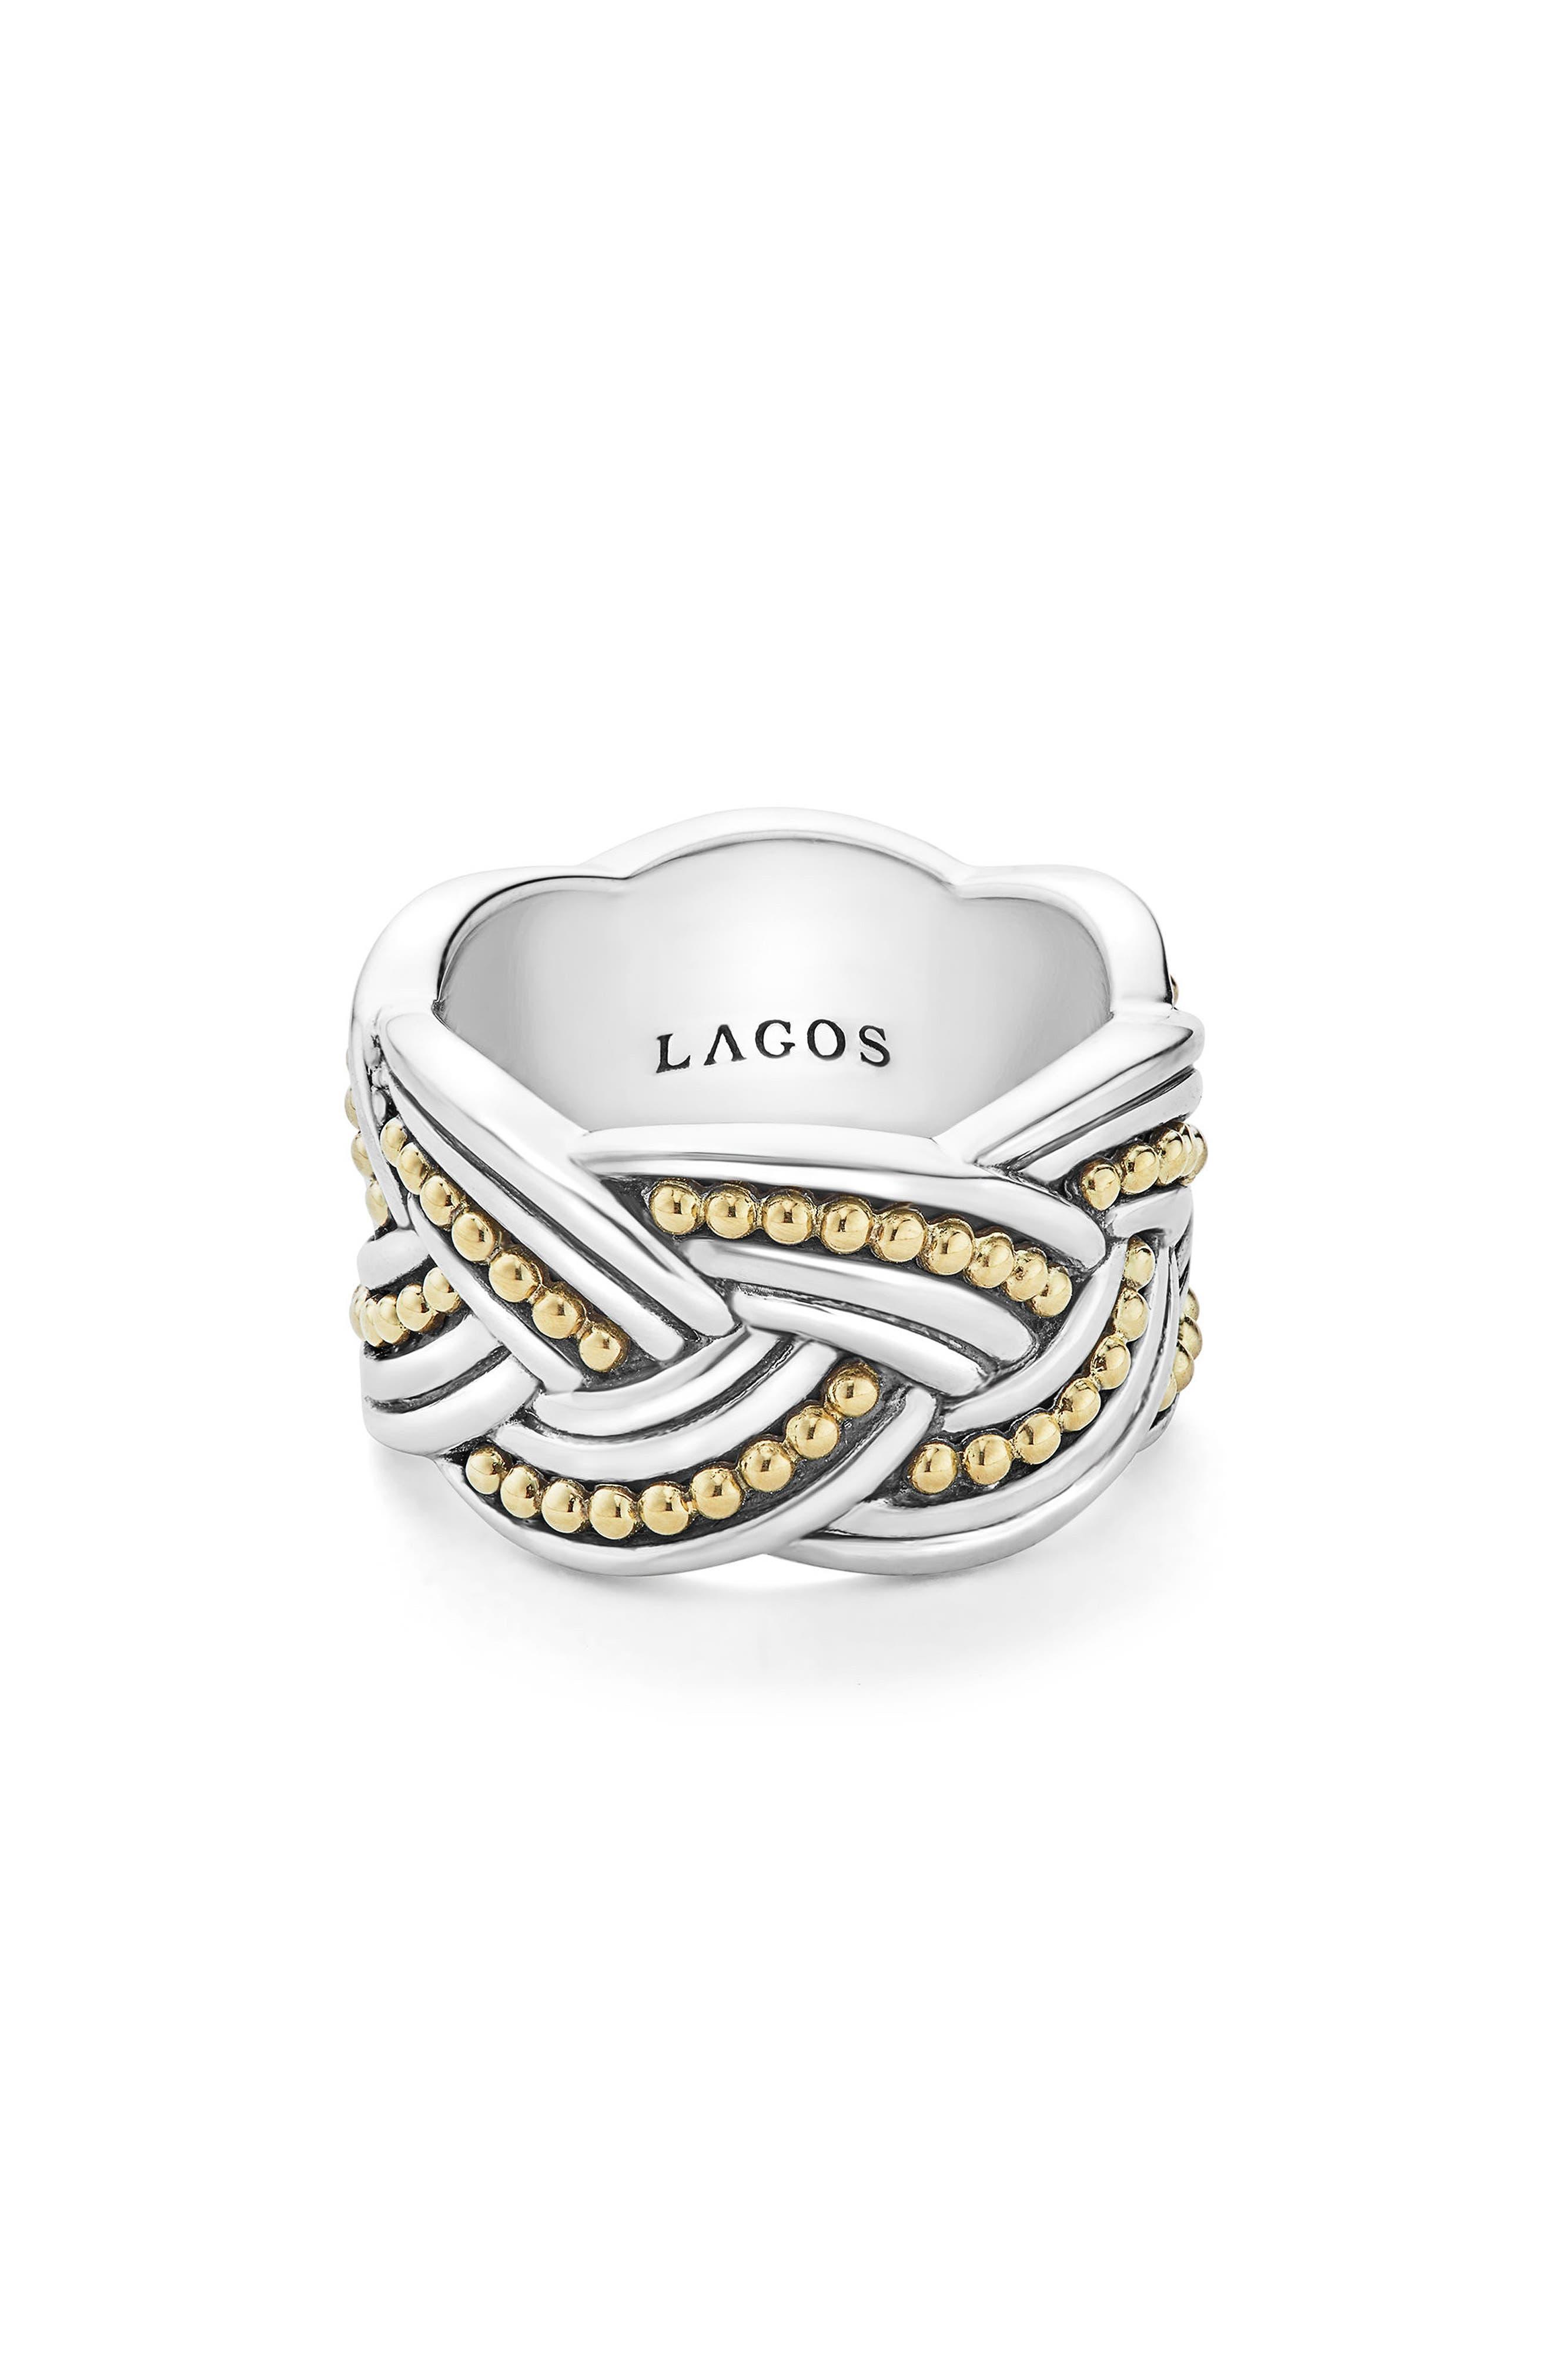 Torsade Knot Ring,                         Main,                         color, Silver/ Gold